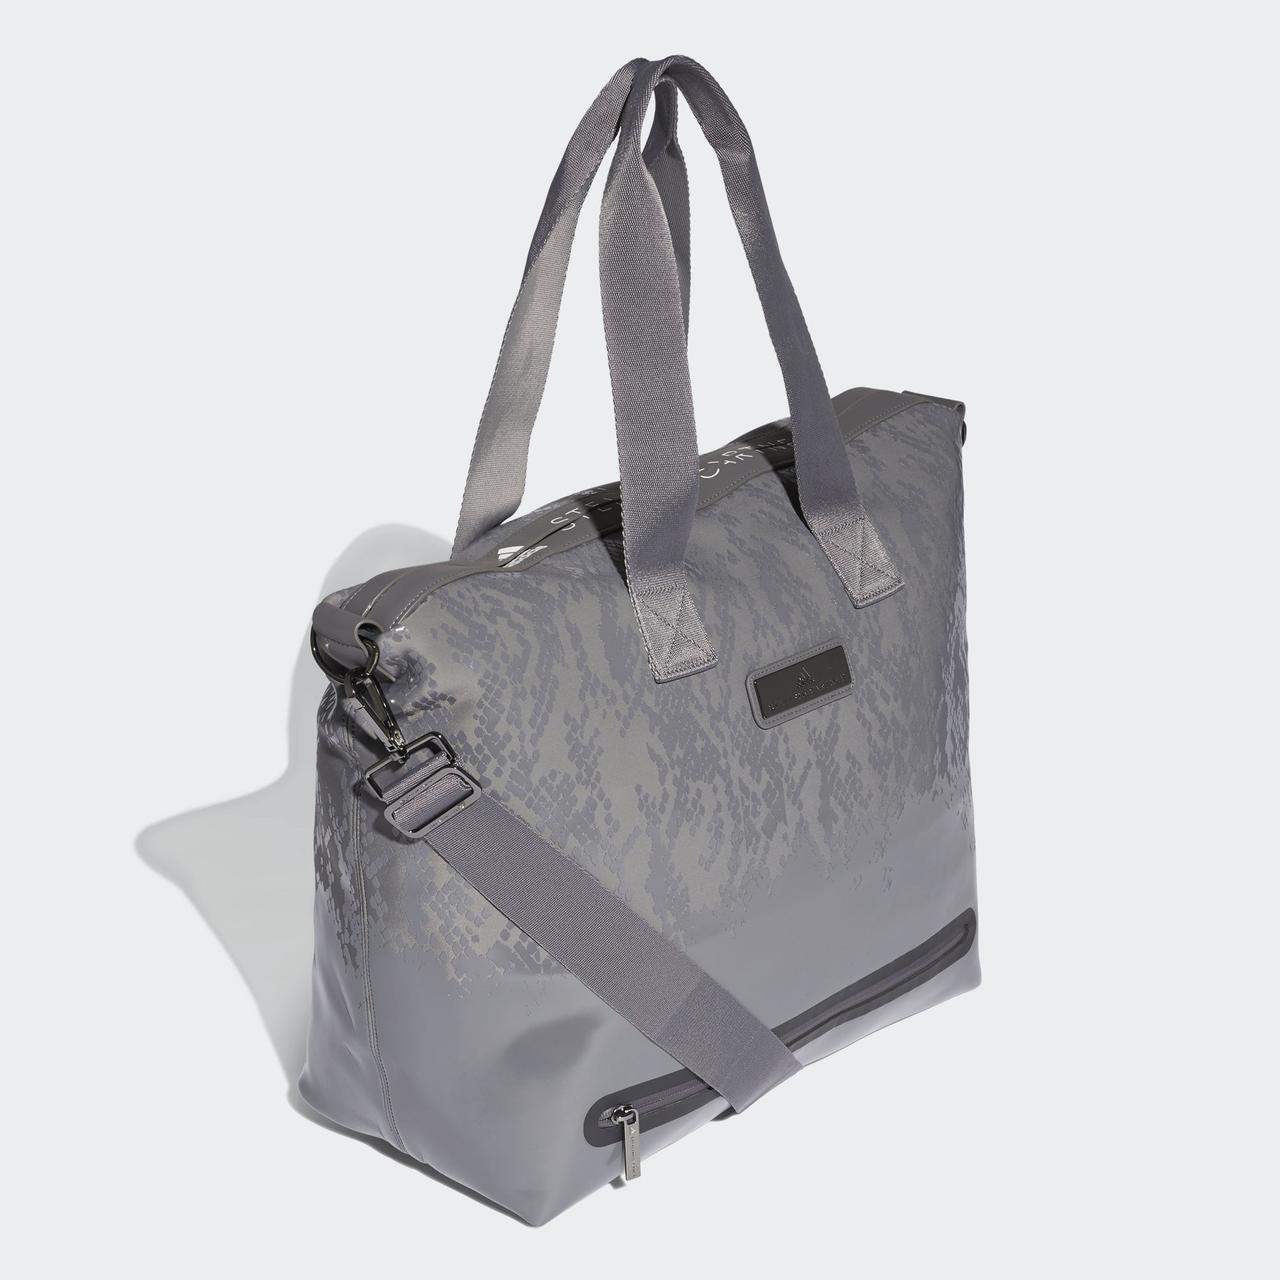 f3002a8e8df0 Женская сумка Adidas Studio Medium DT5435 - 2019: продажа, цена в ...